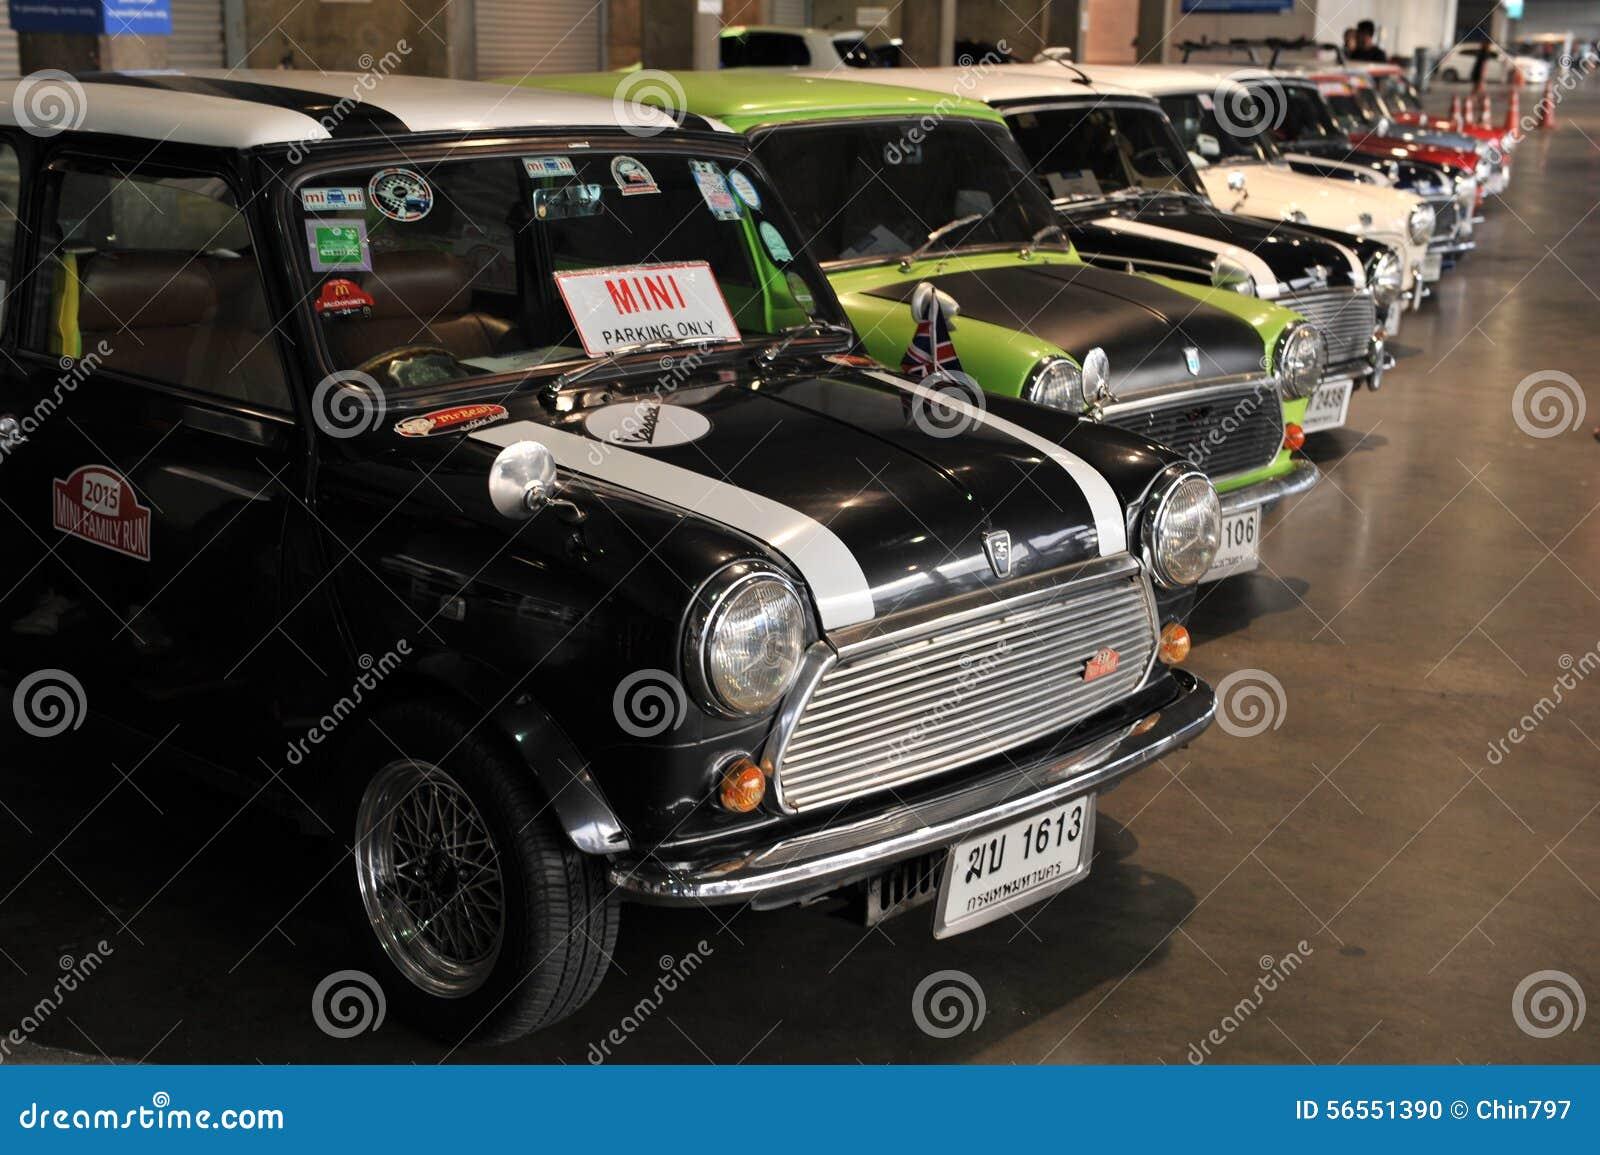 Μίνι αυτοκίνητο του Ώστιν στο 3$ο διεθνές autosalon 2015 της Μπανγκόκ στις 27 Ιουνίου 2015 στη Μπανγκόκ, Ταϊλάνδη